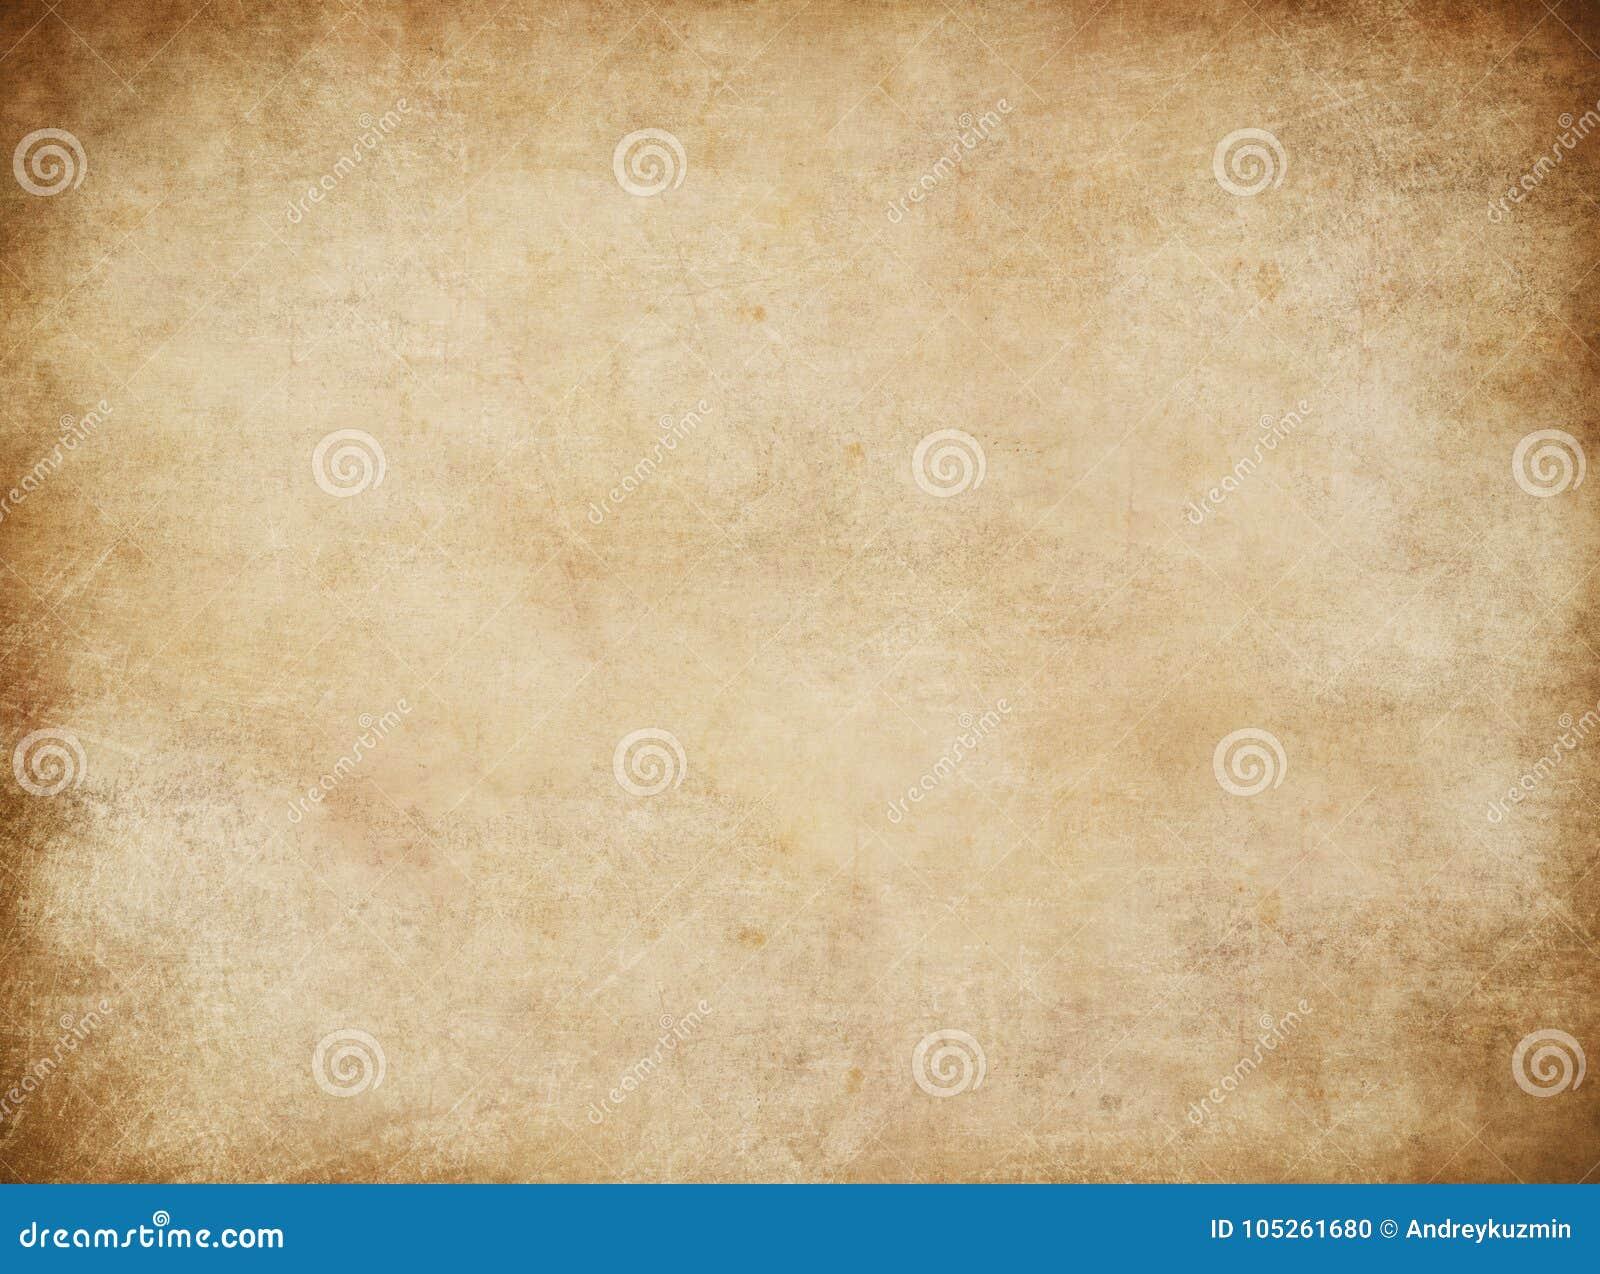 Παλαιό έγγραφο Grunge για το χάρτη θησαυρών ή την εκλεκτής ποιότητας επιστολή